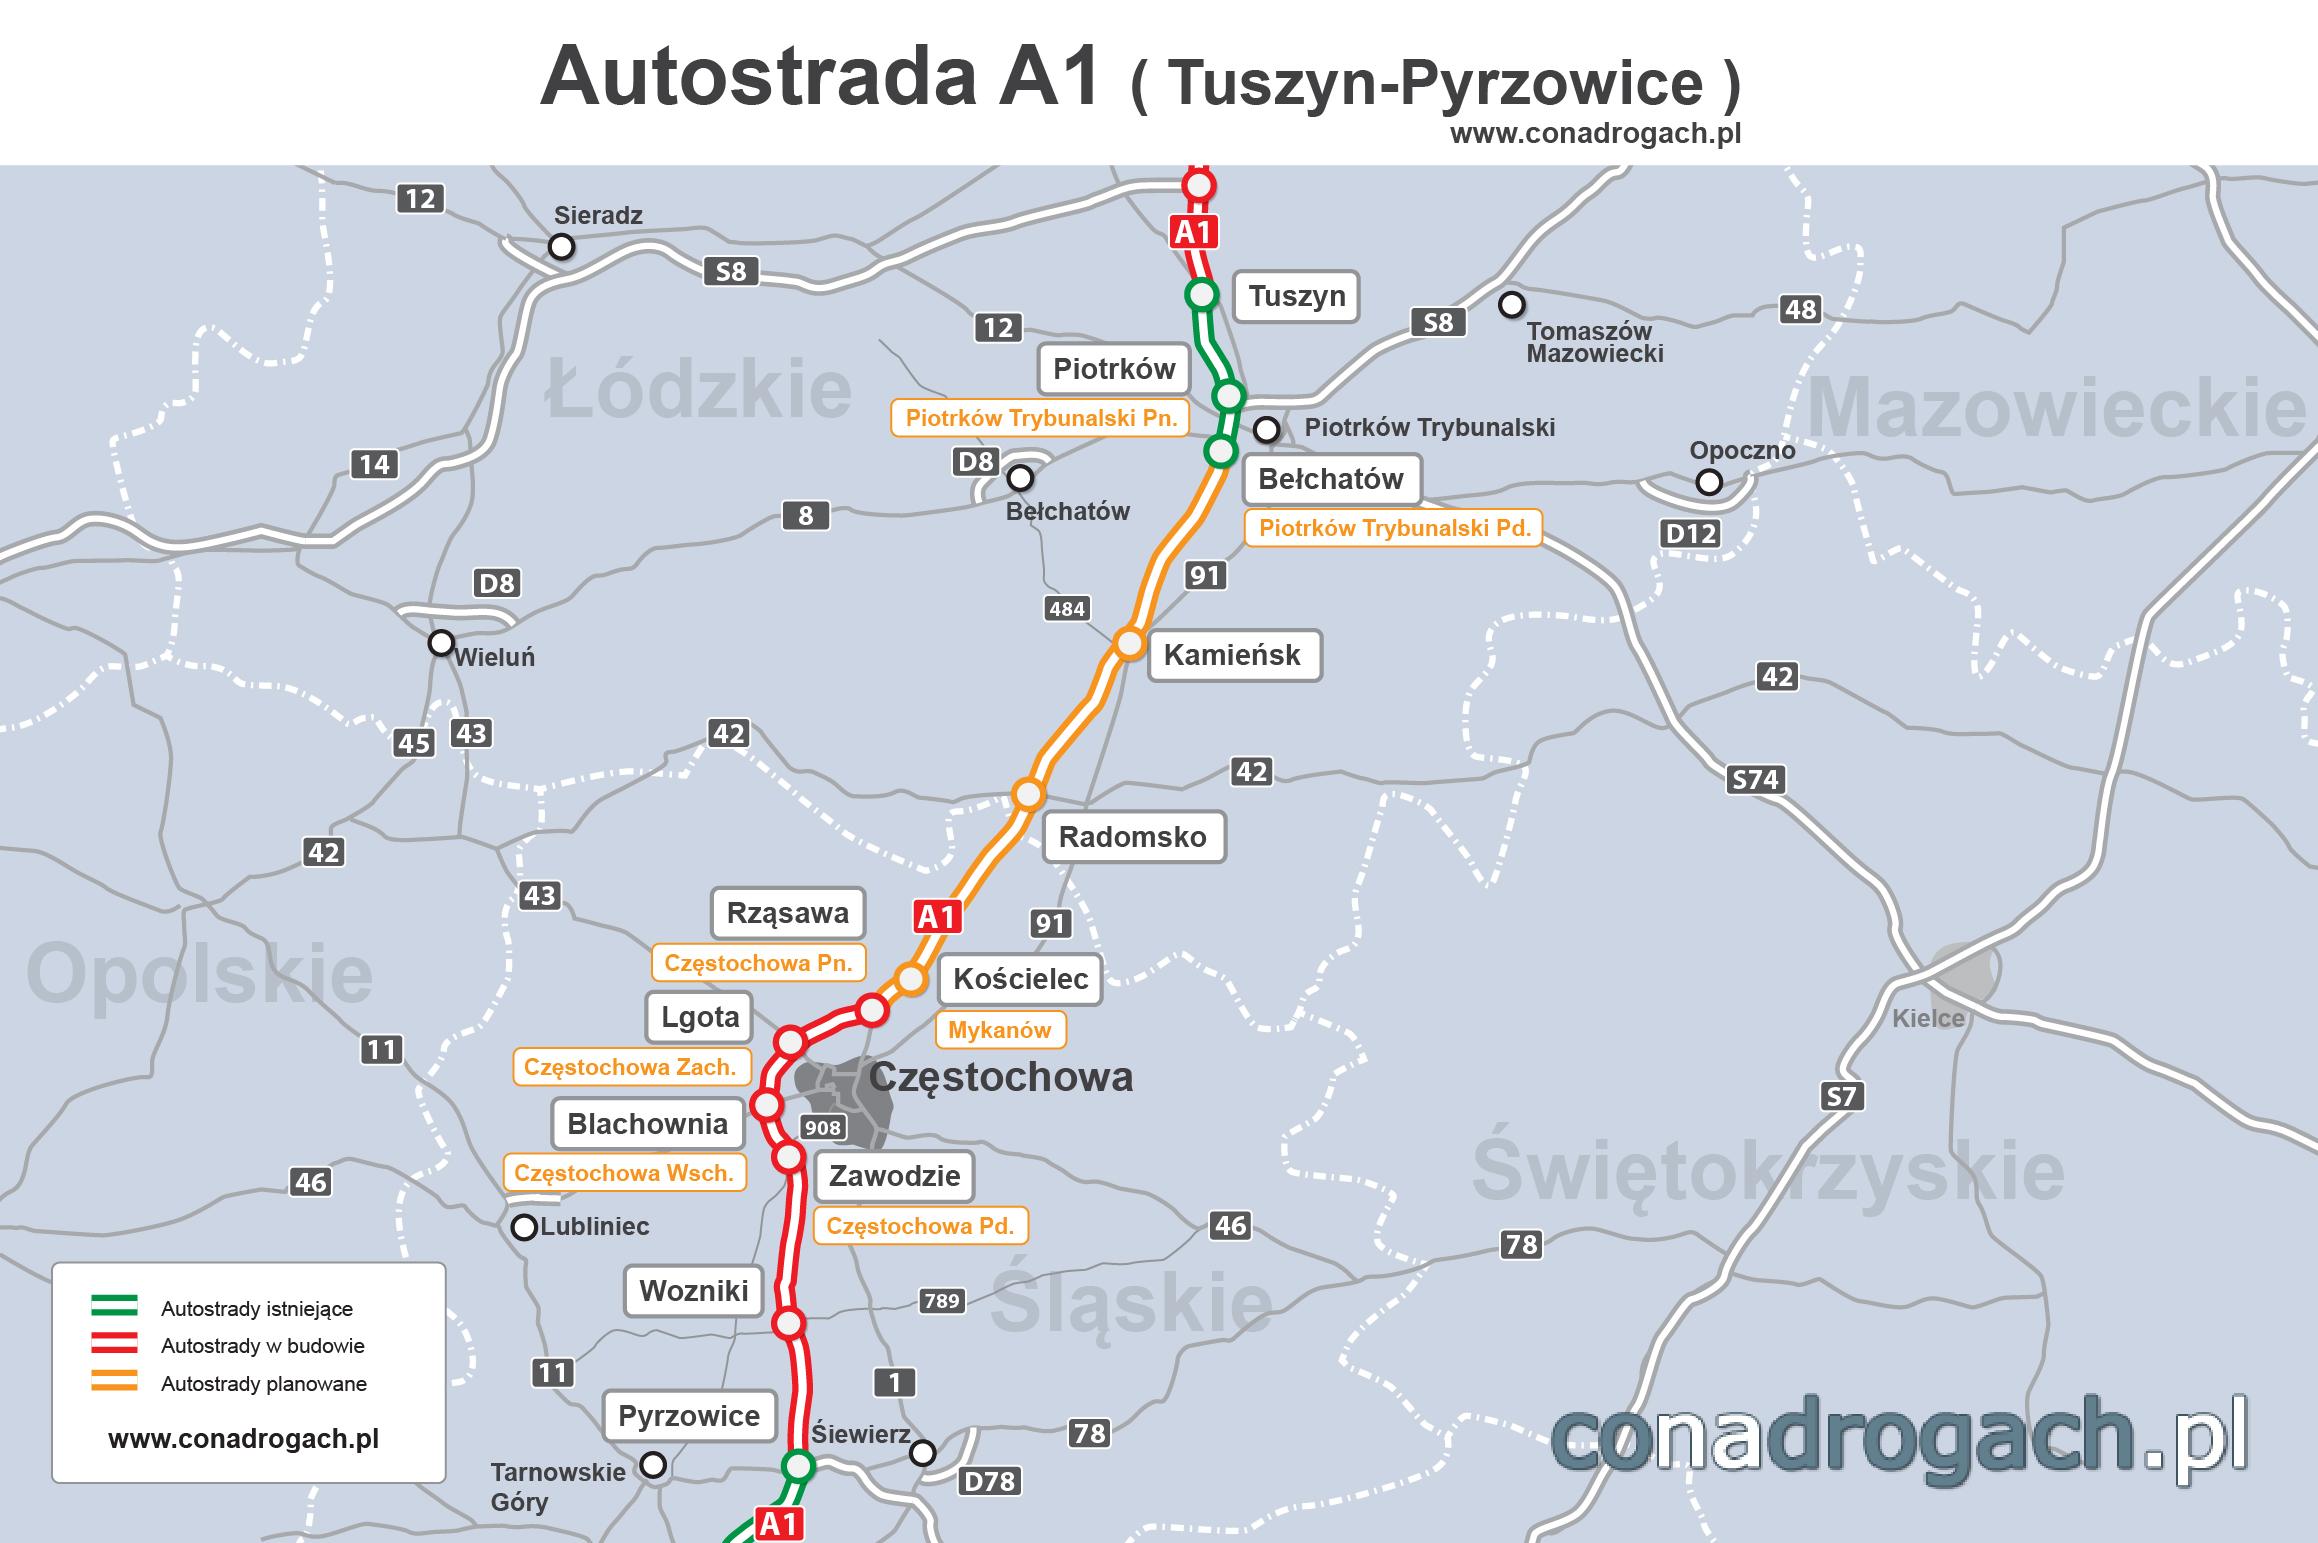 AUTOSTRADA A1 MAPA